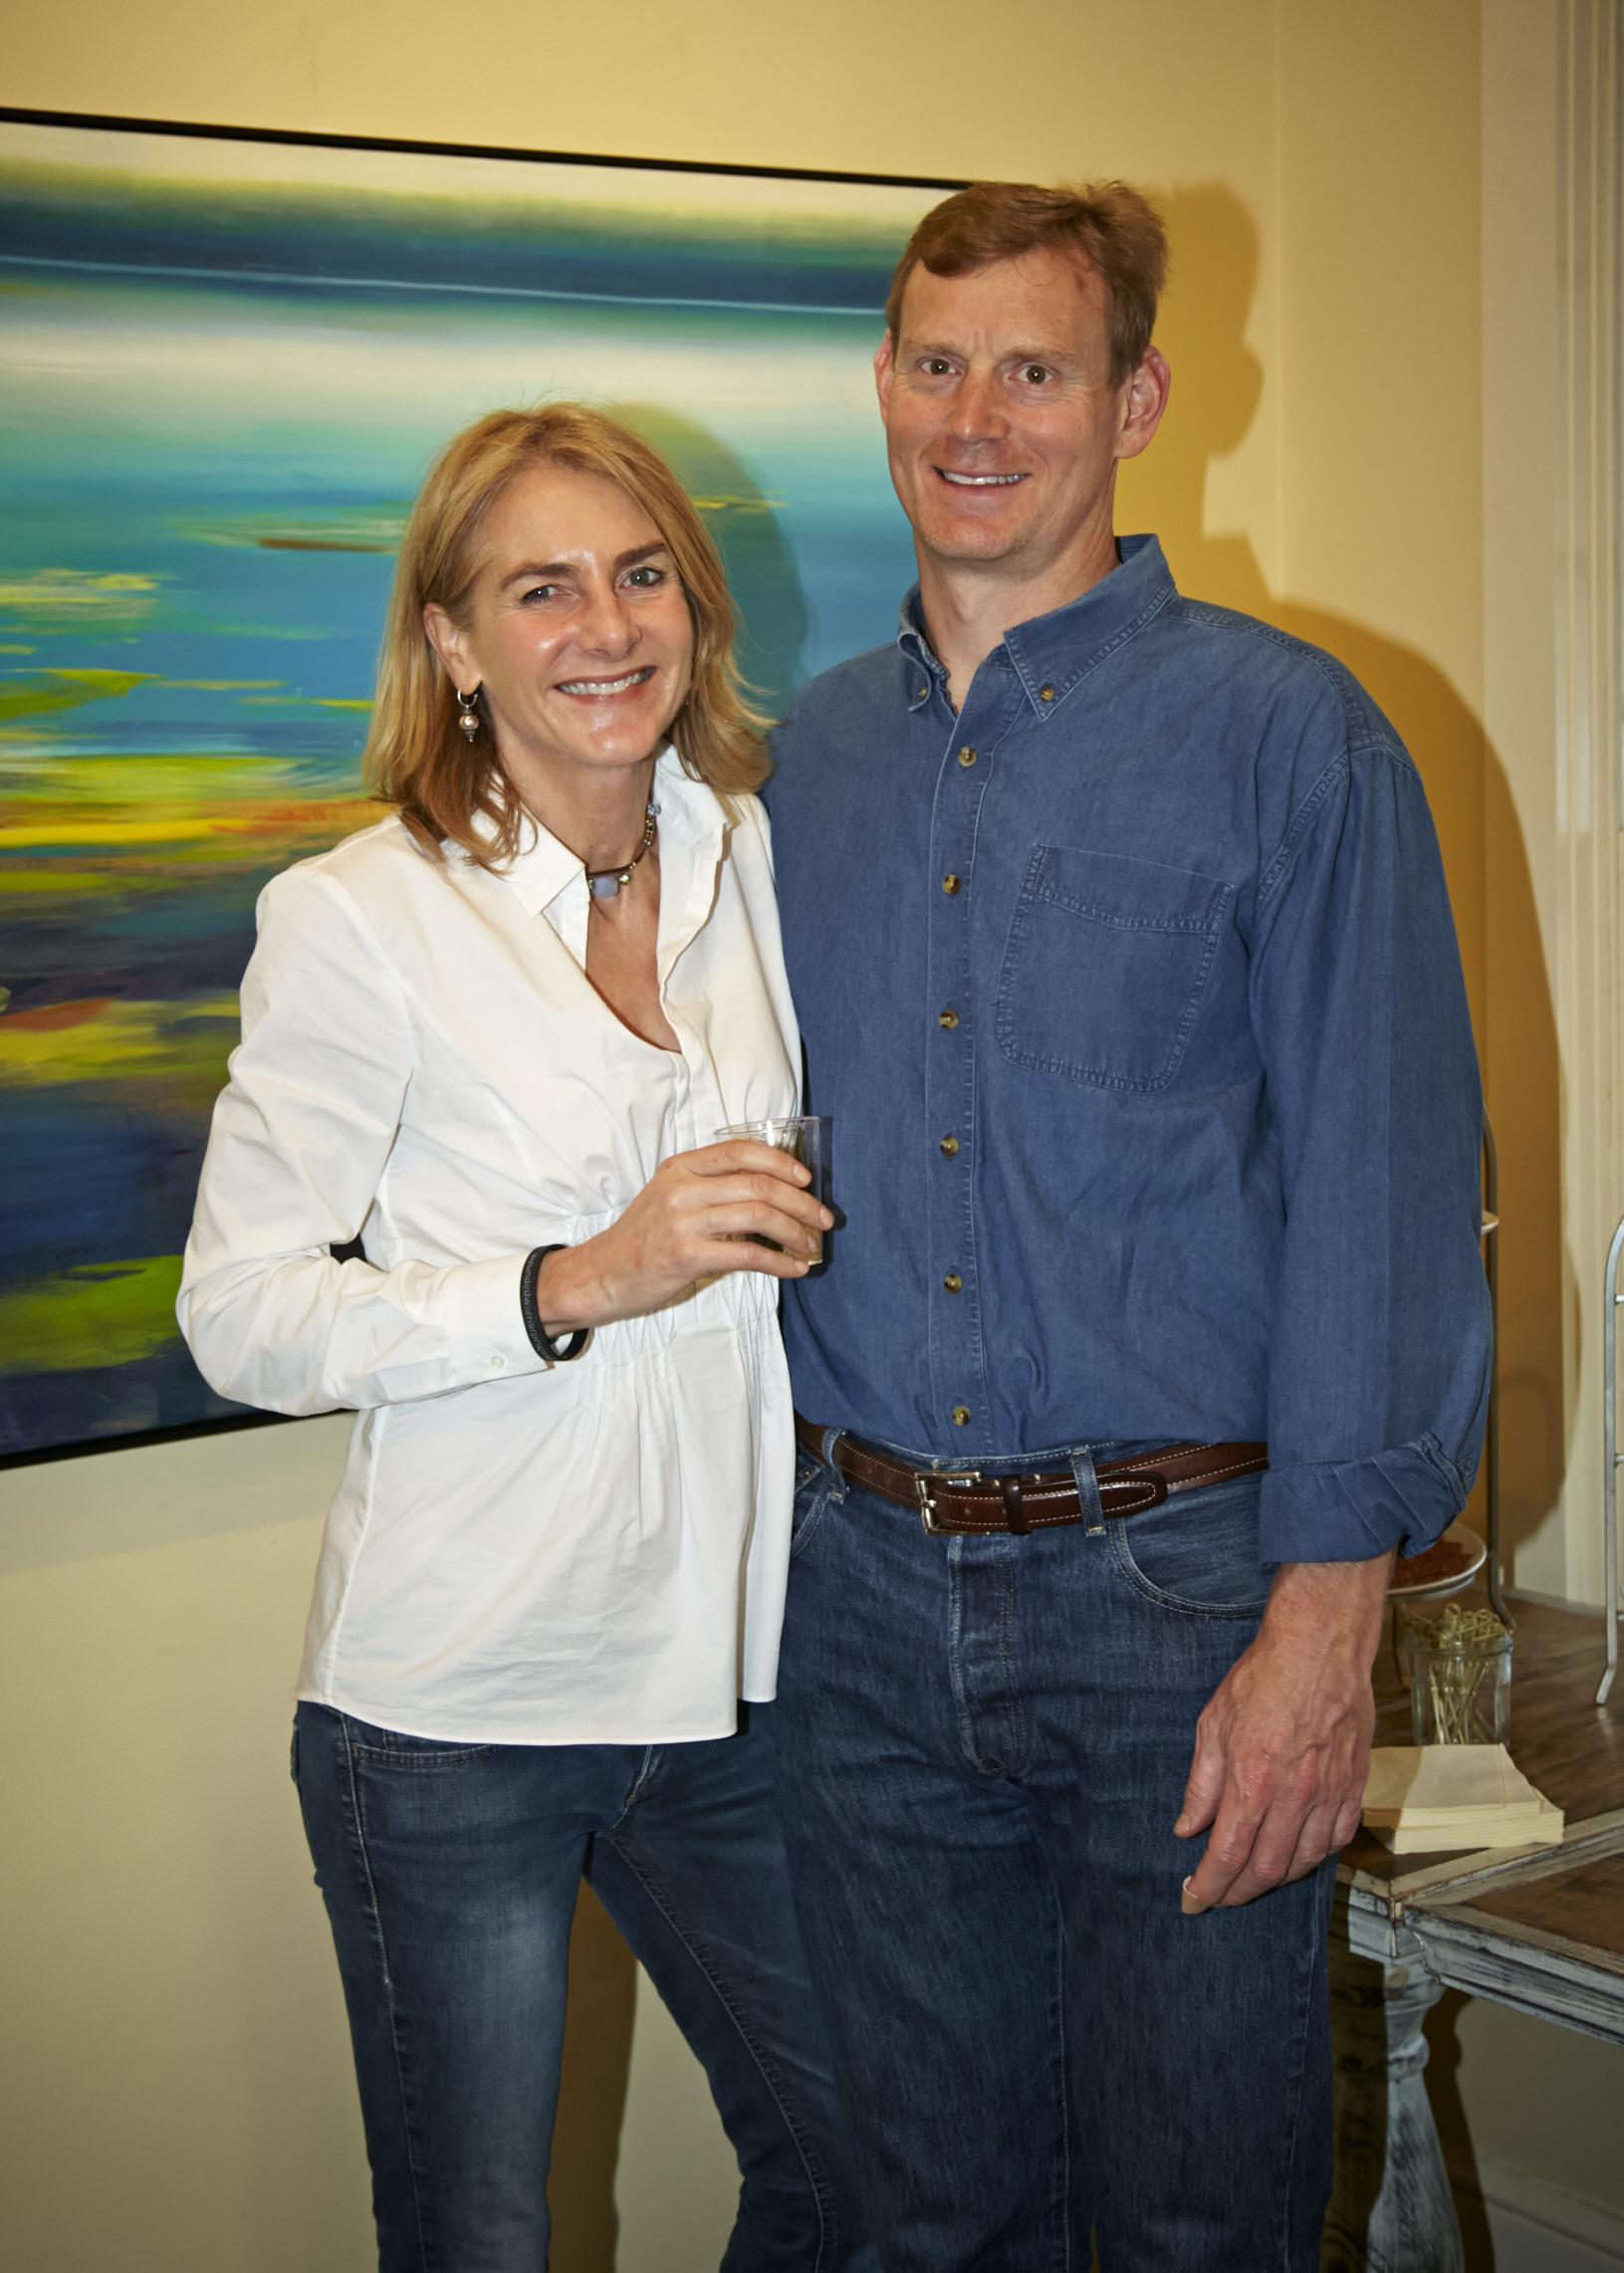 IMG_2710 Heidi and Chris Matonis.jpg